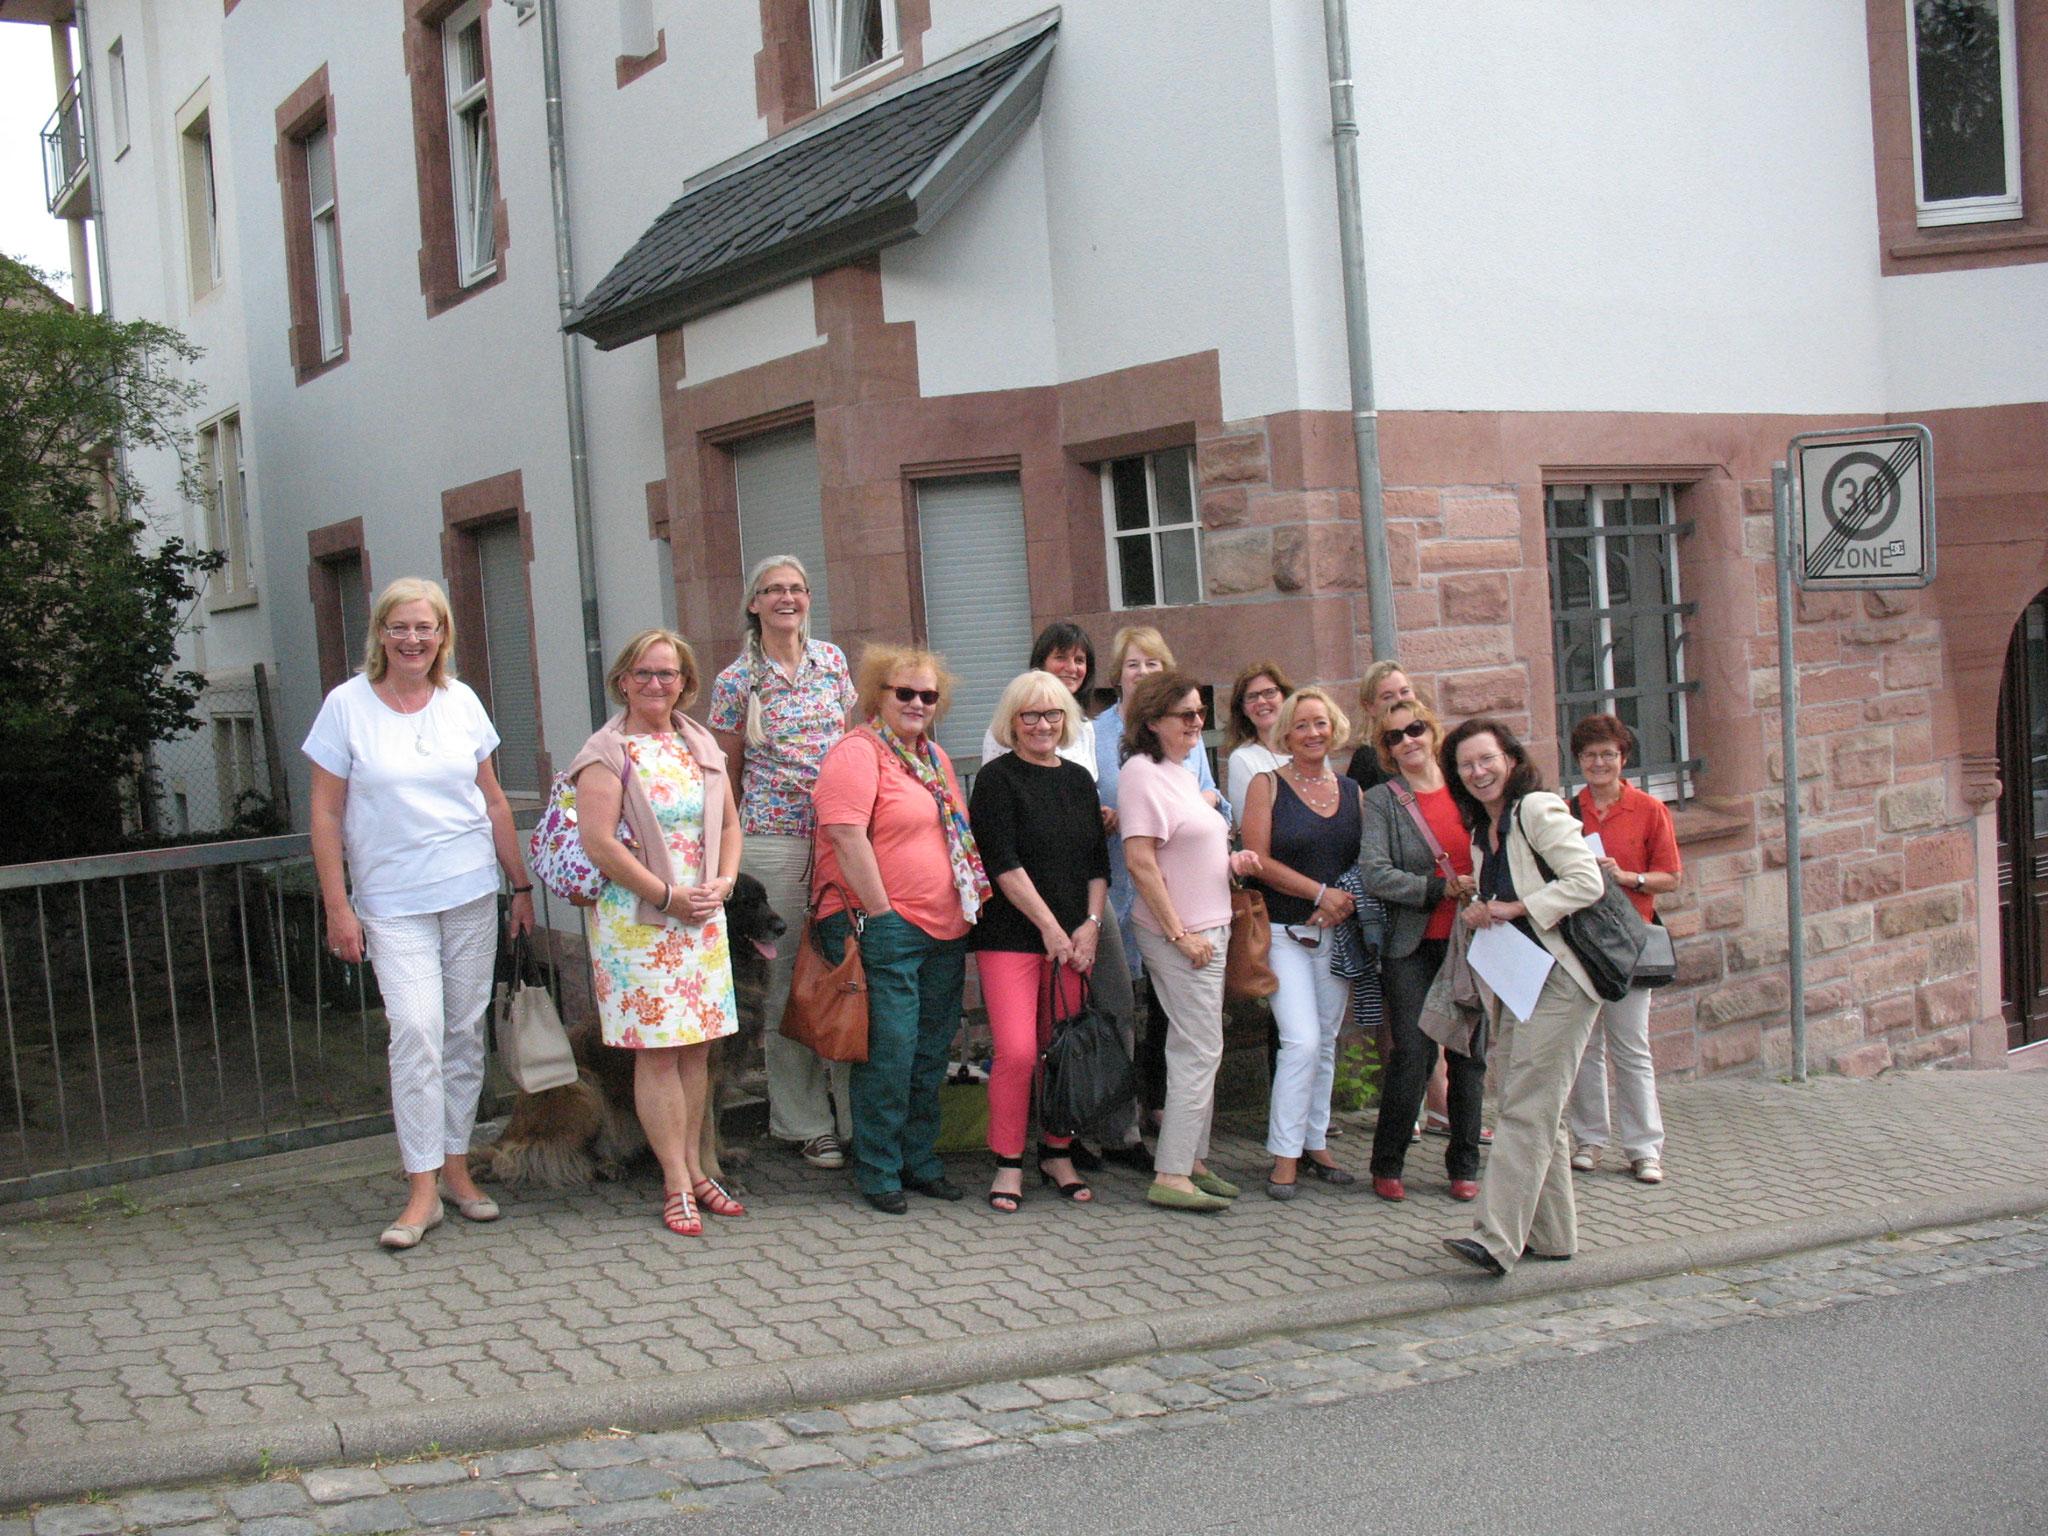 Besuch der Metzendorfvillen in Bensheim 2017